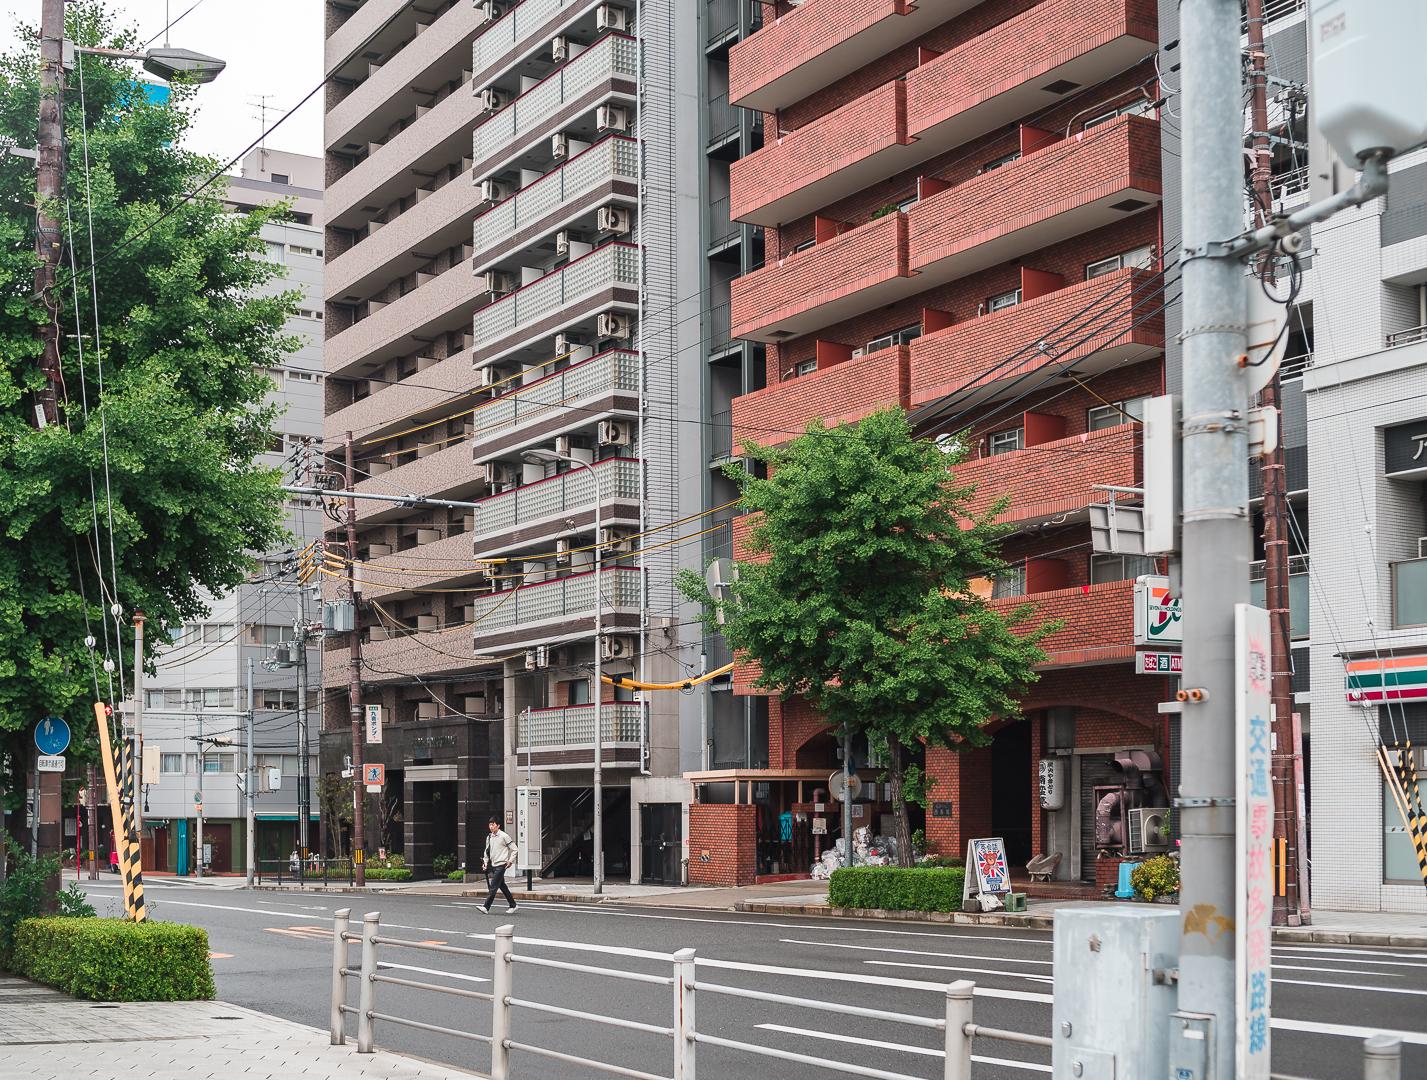 edwardchang-Osaka-13.jpg